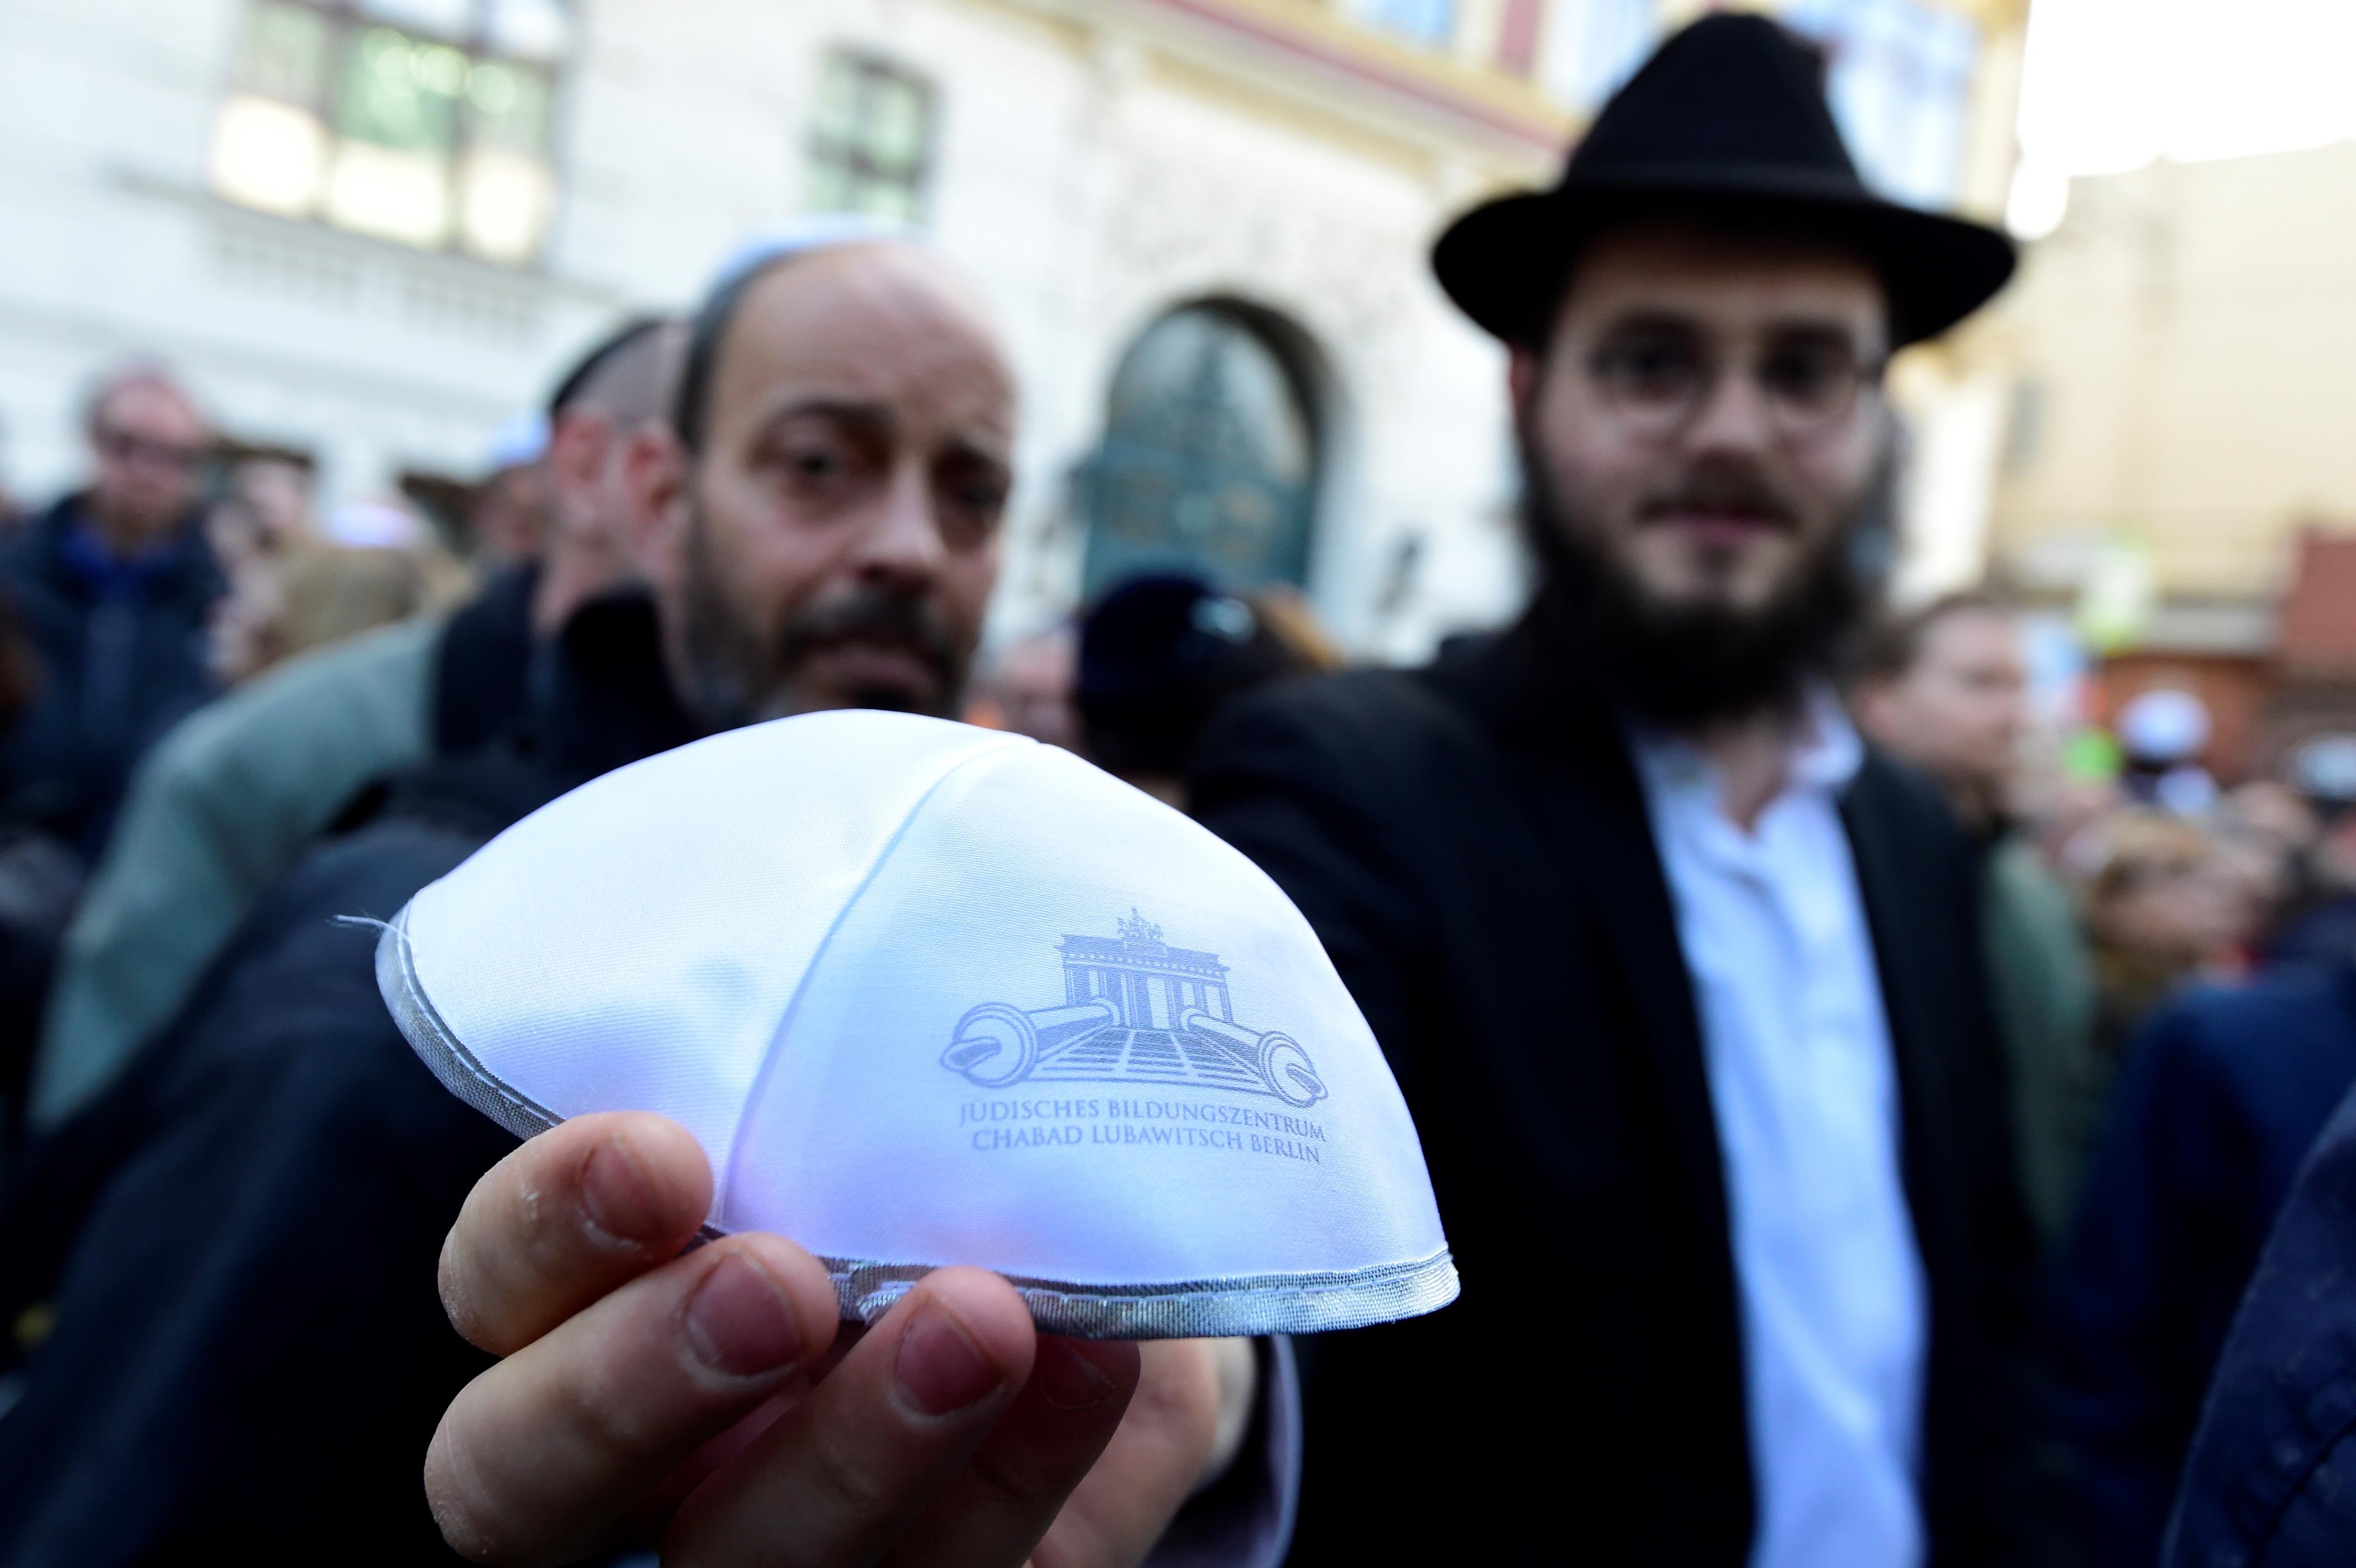 Jornada de solidariedade na Alemanha contra nova onda de antissemitismo